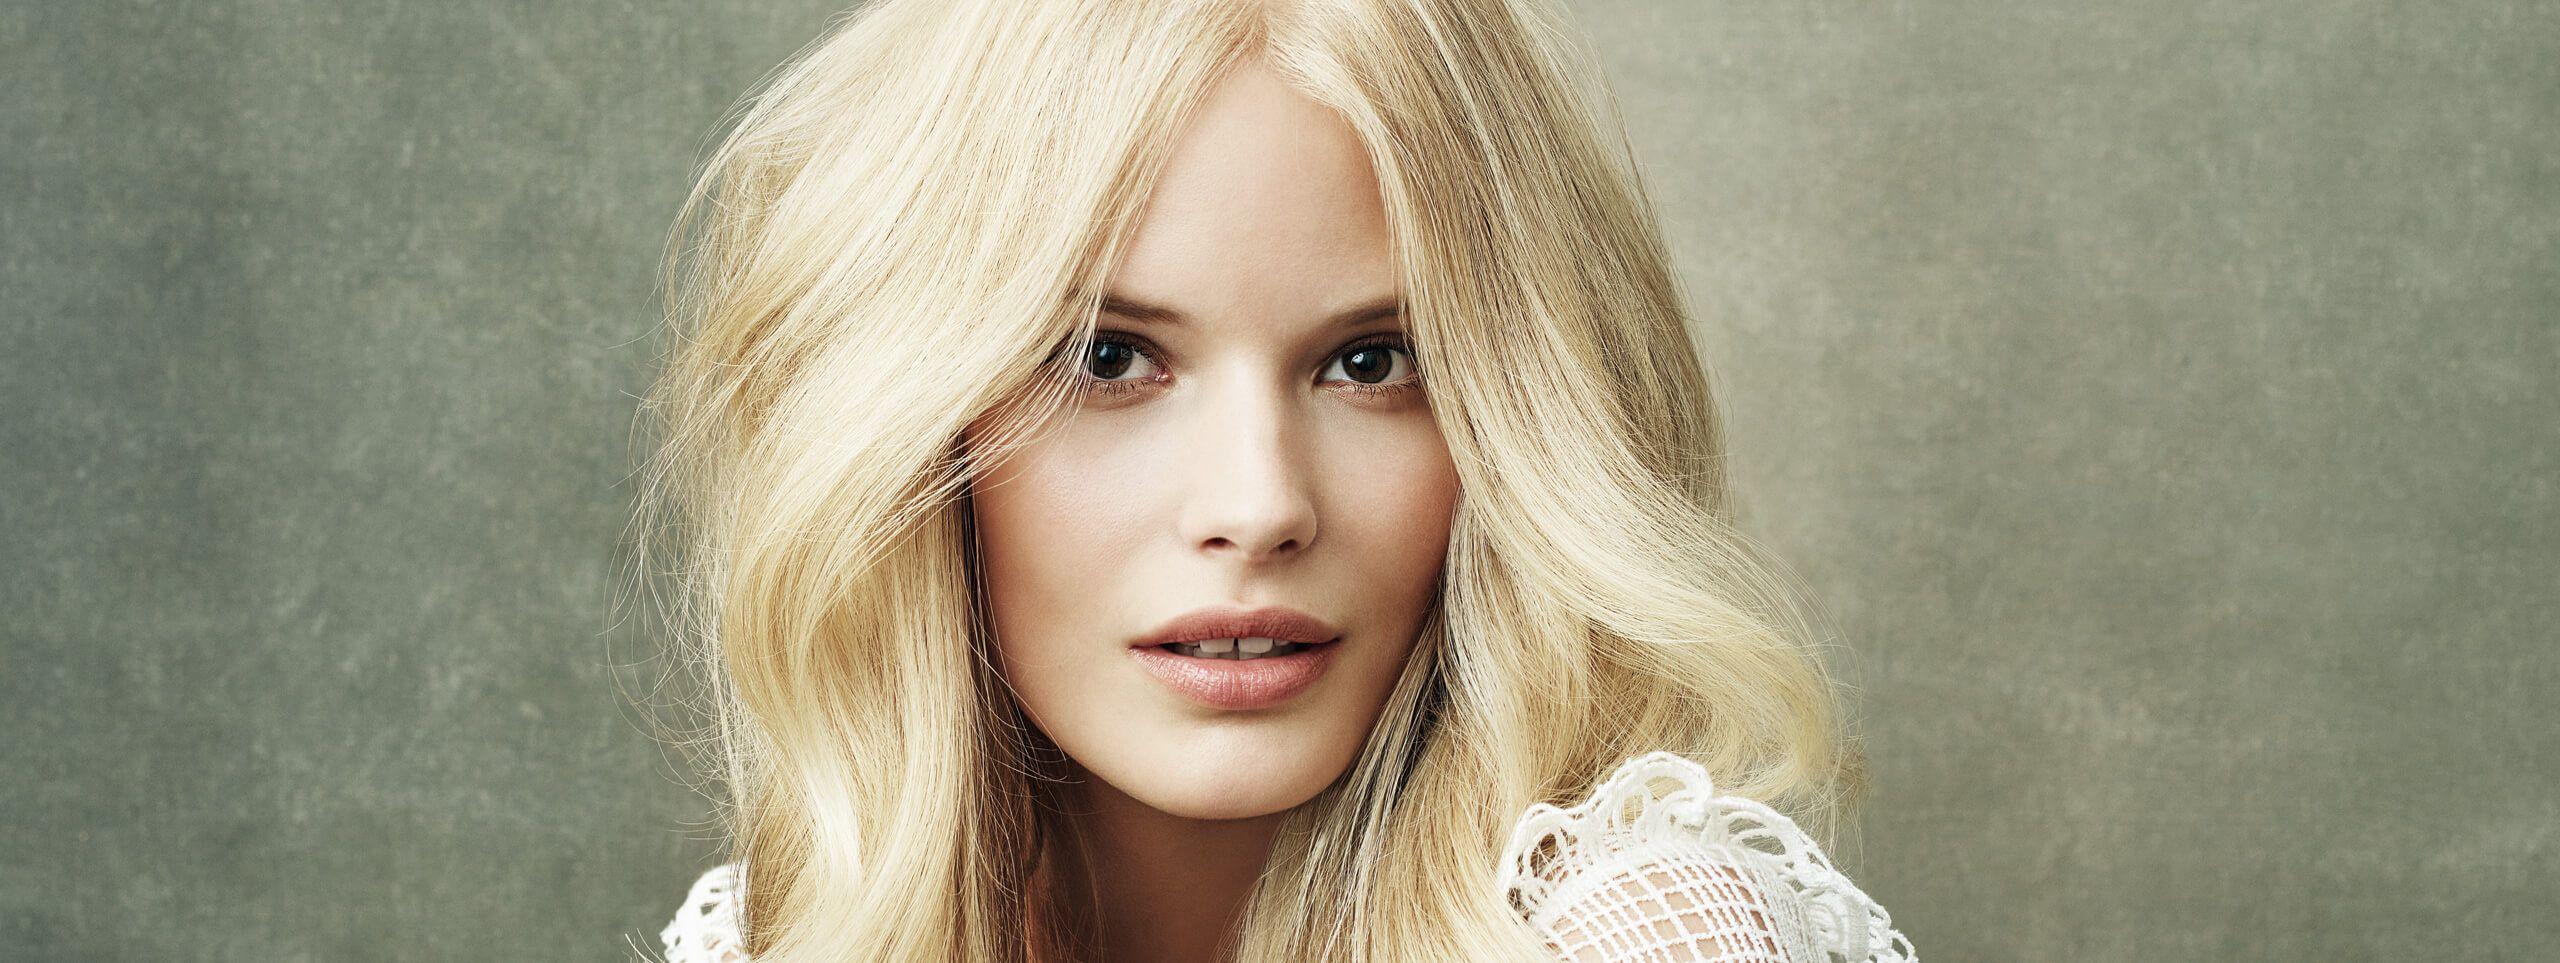 Modelka z jasnymi blond włosami średniej długości